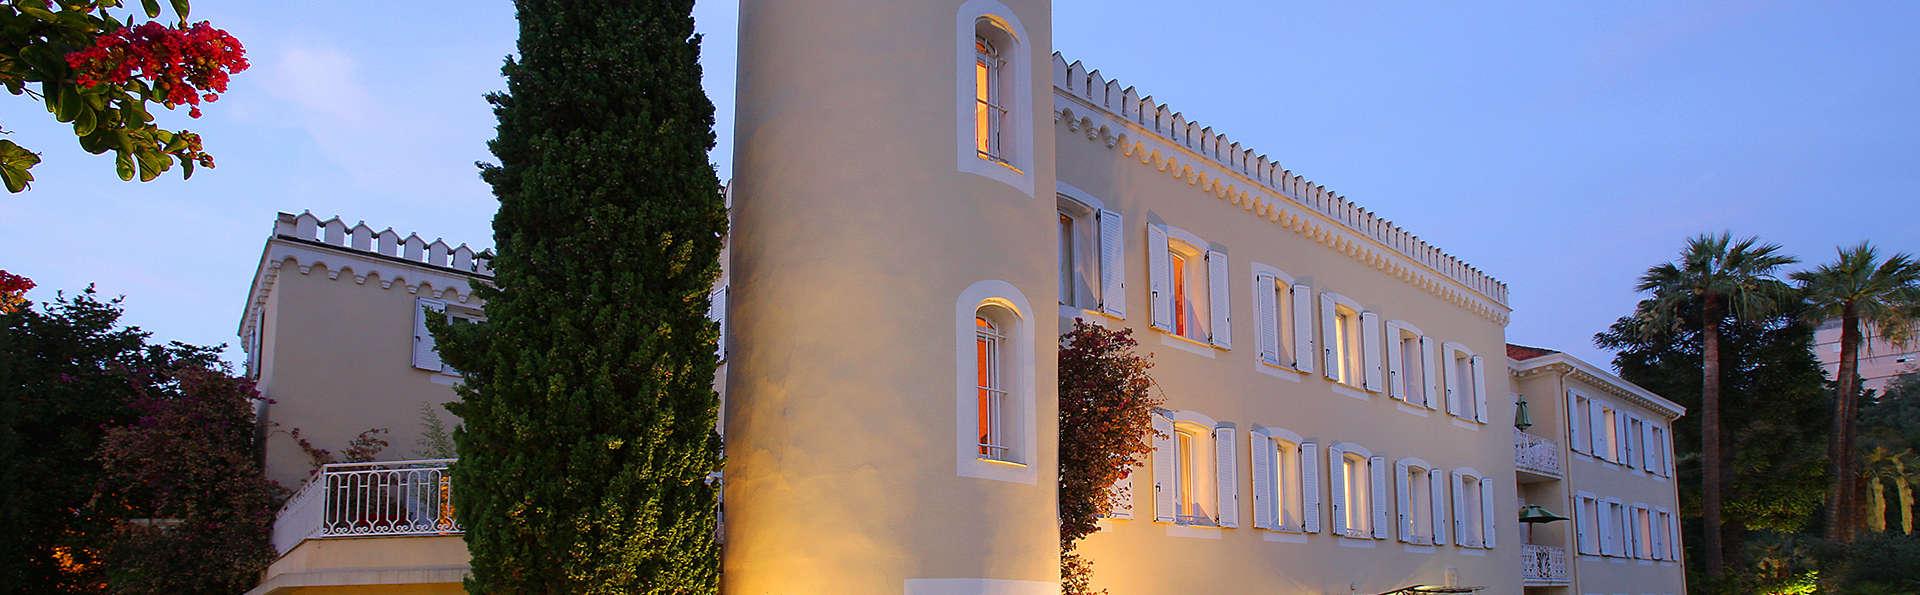 Château de la Tour - Cannes - EDIT_front3.jpg